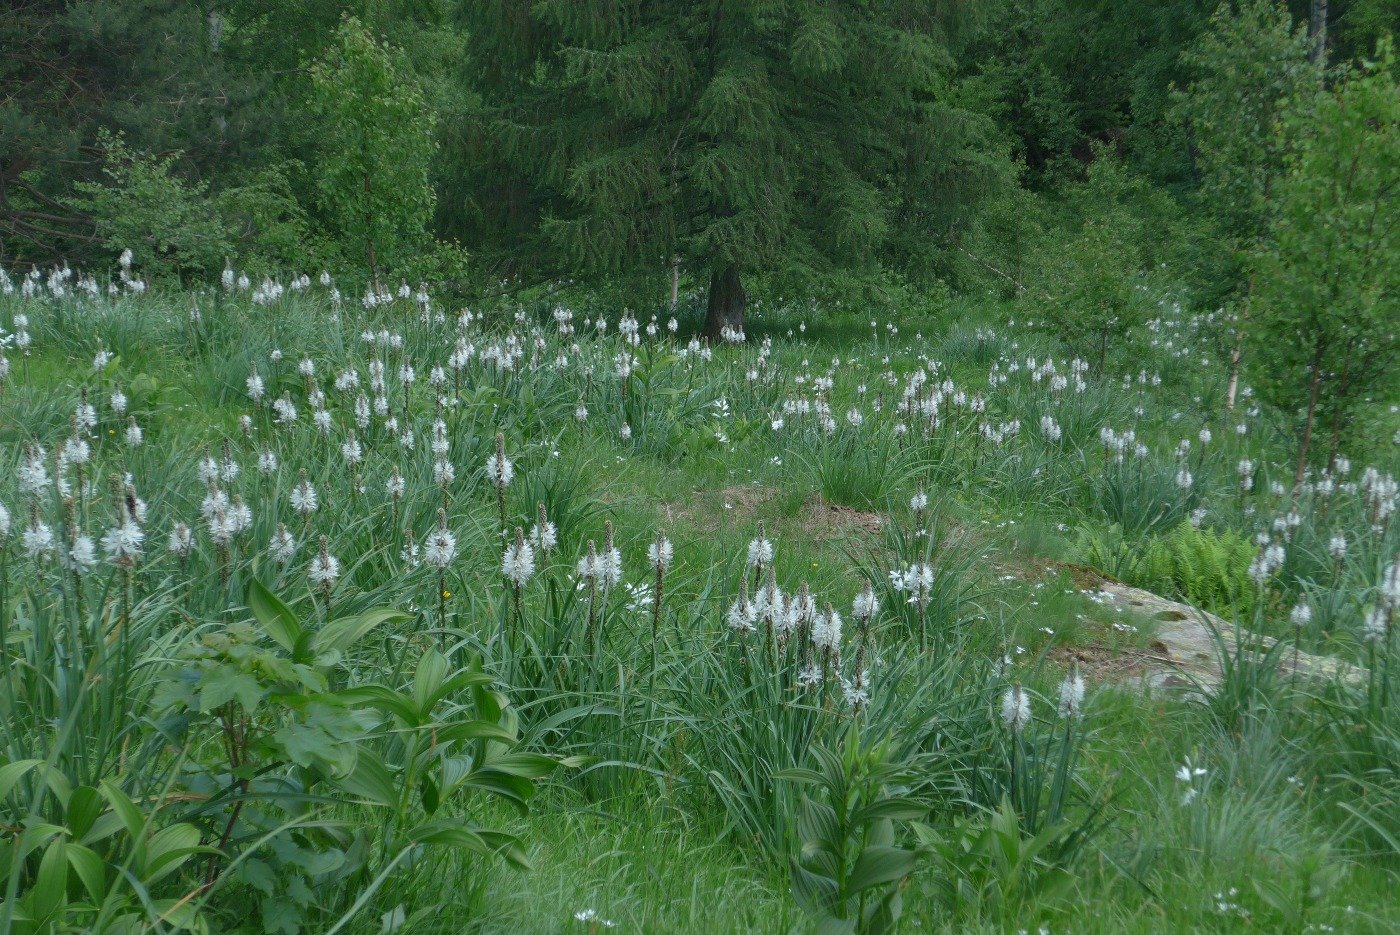 Bel prato di asfodeli in fiore